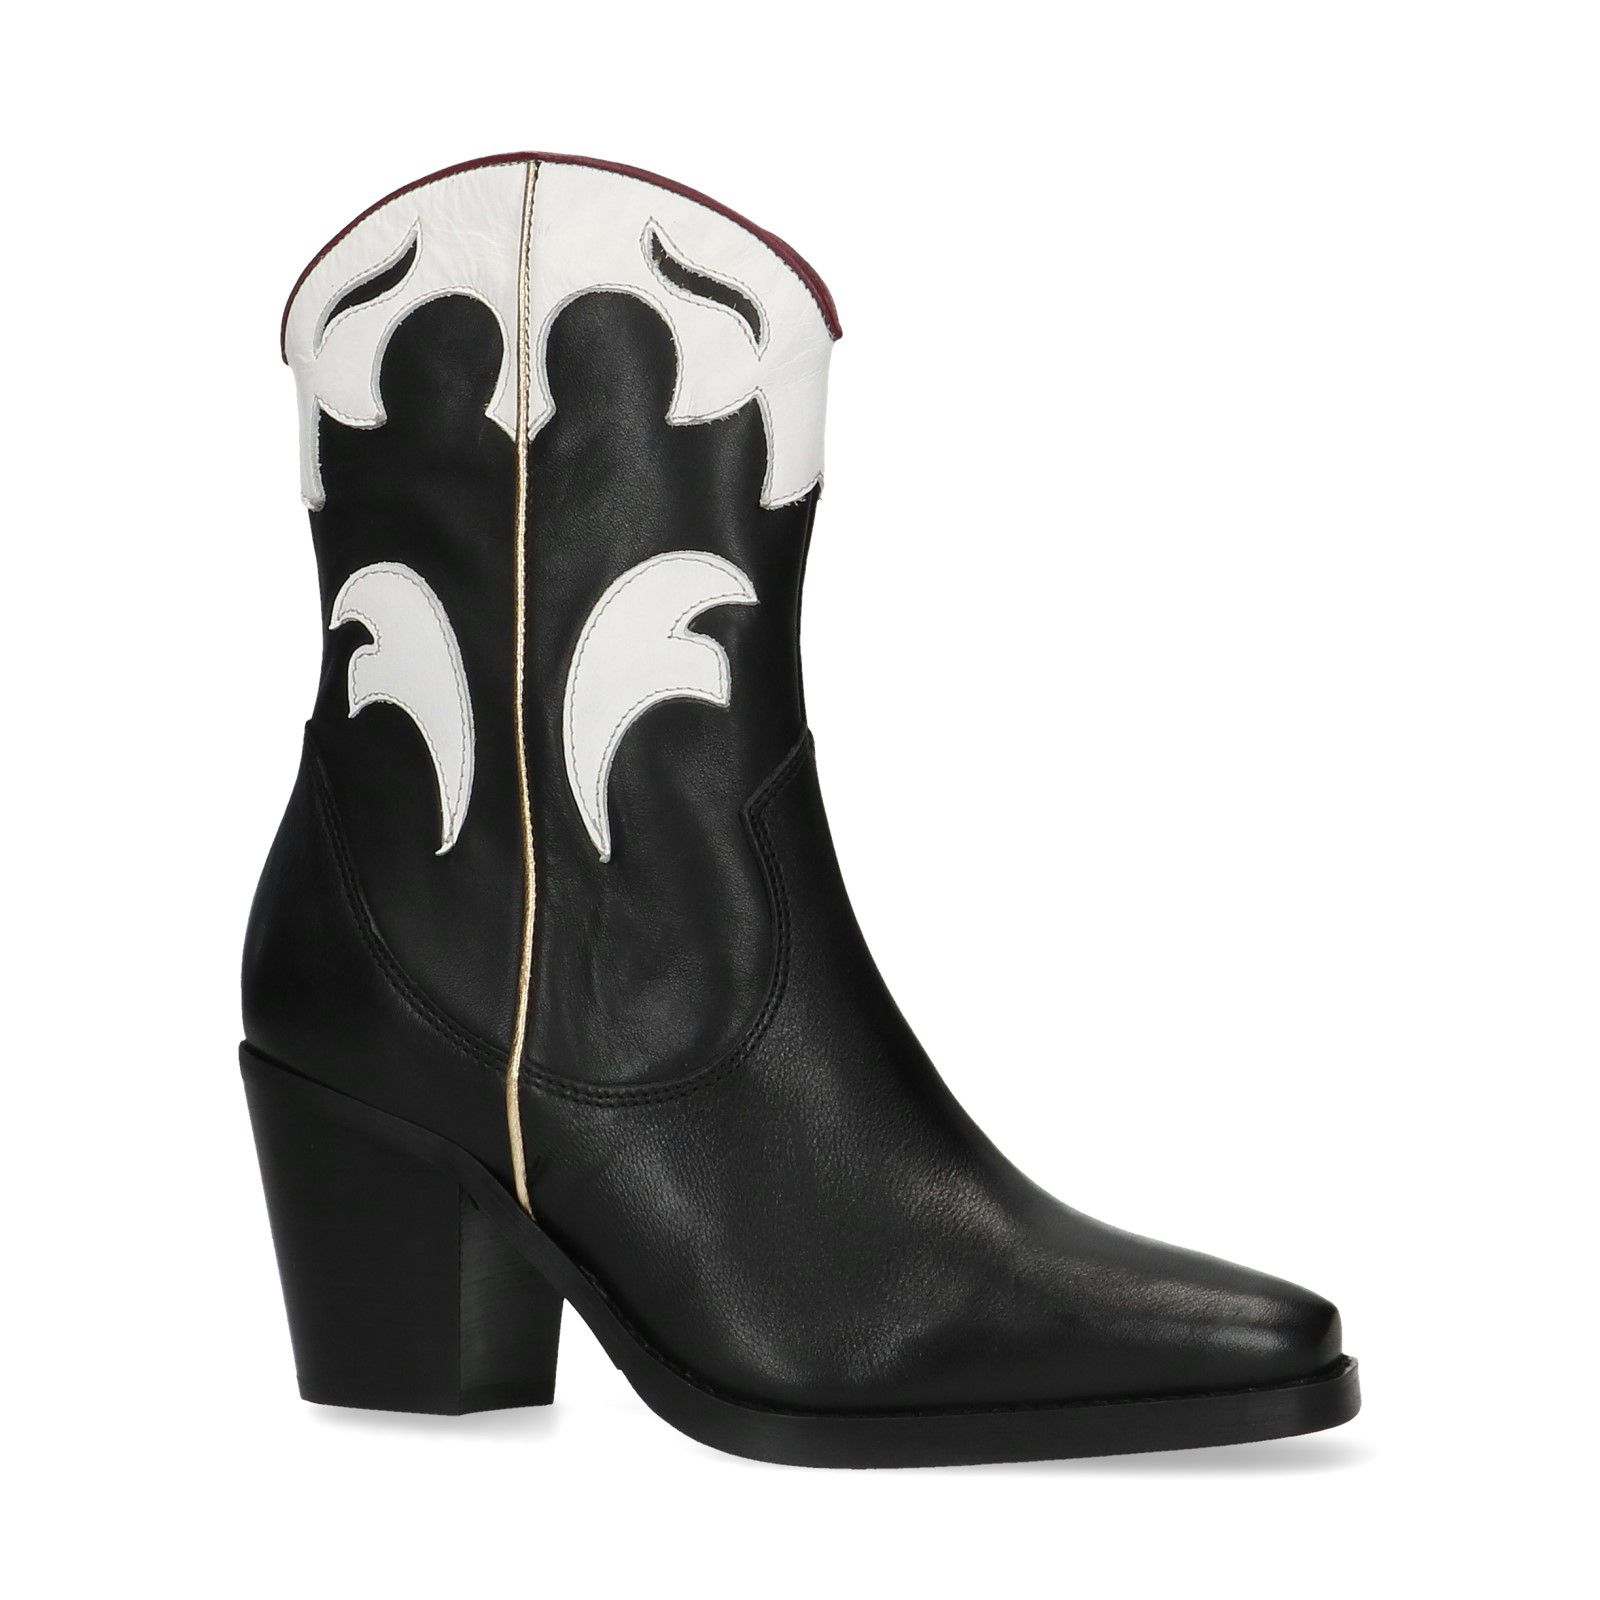 Zwarte cowboylaarzen met witte details Dames | MANFIELD